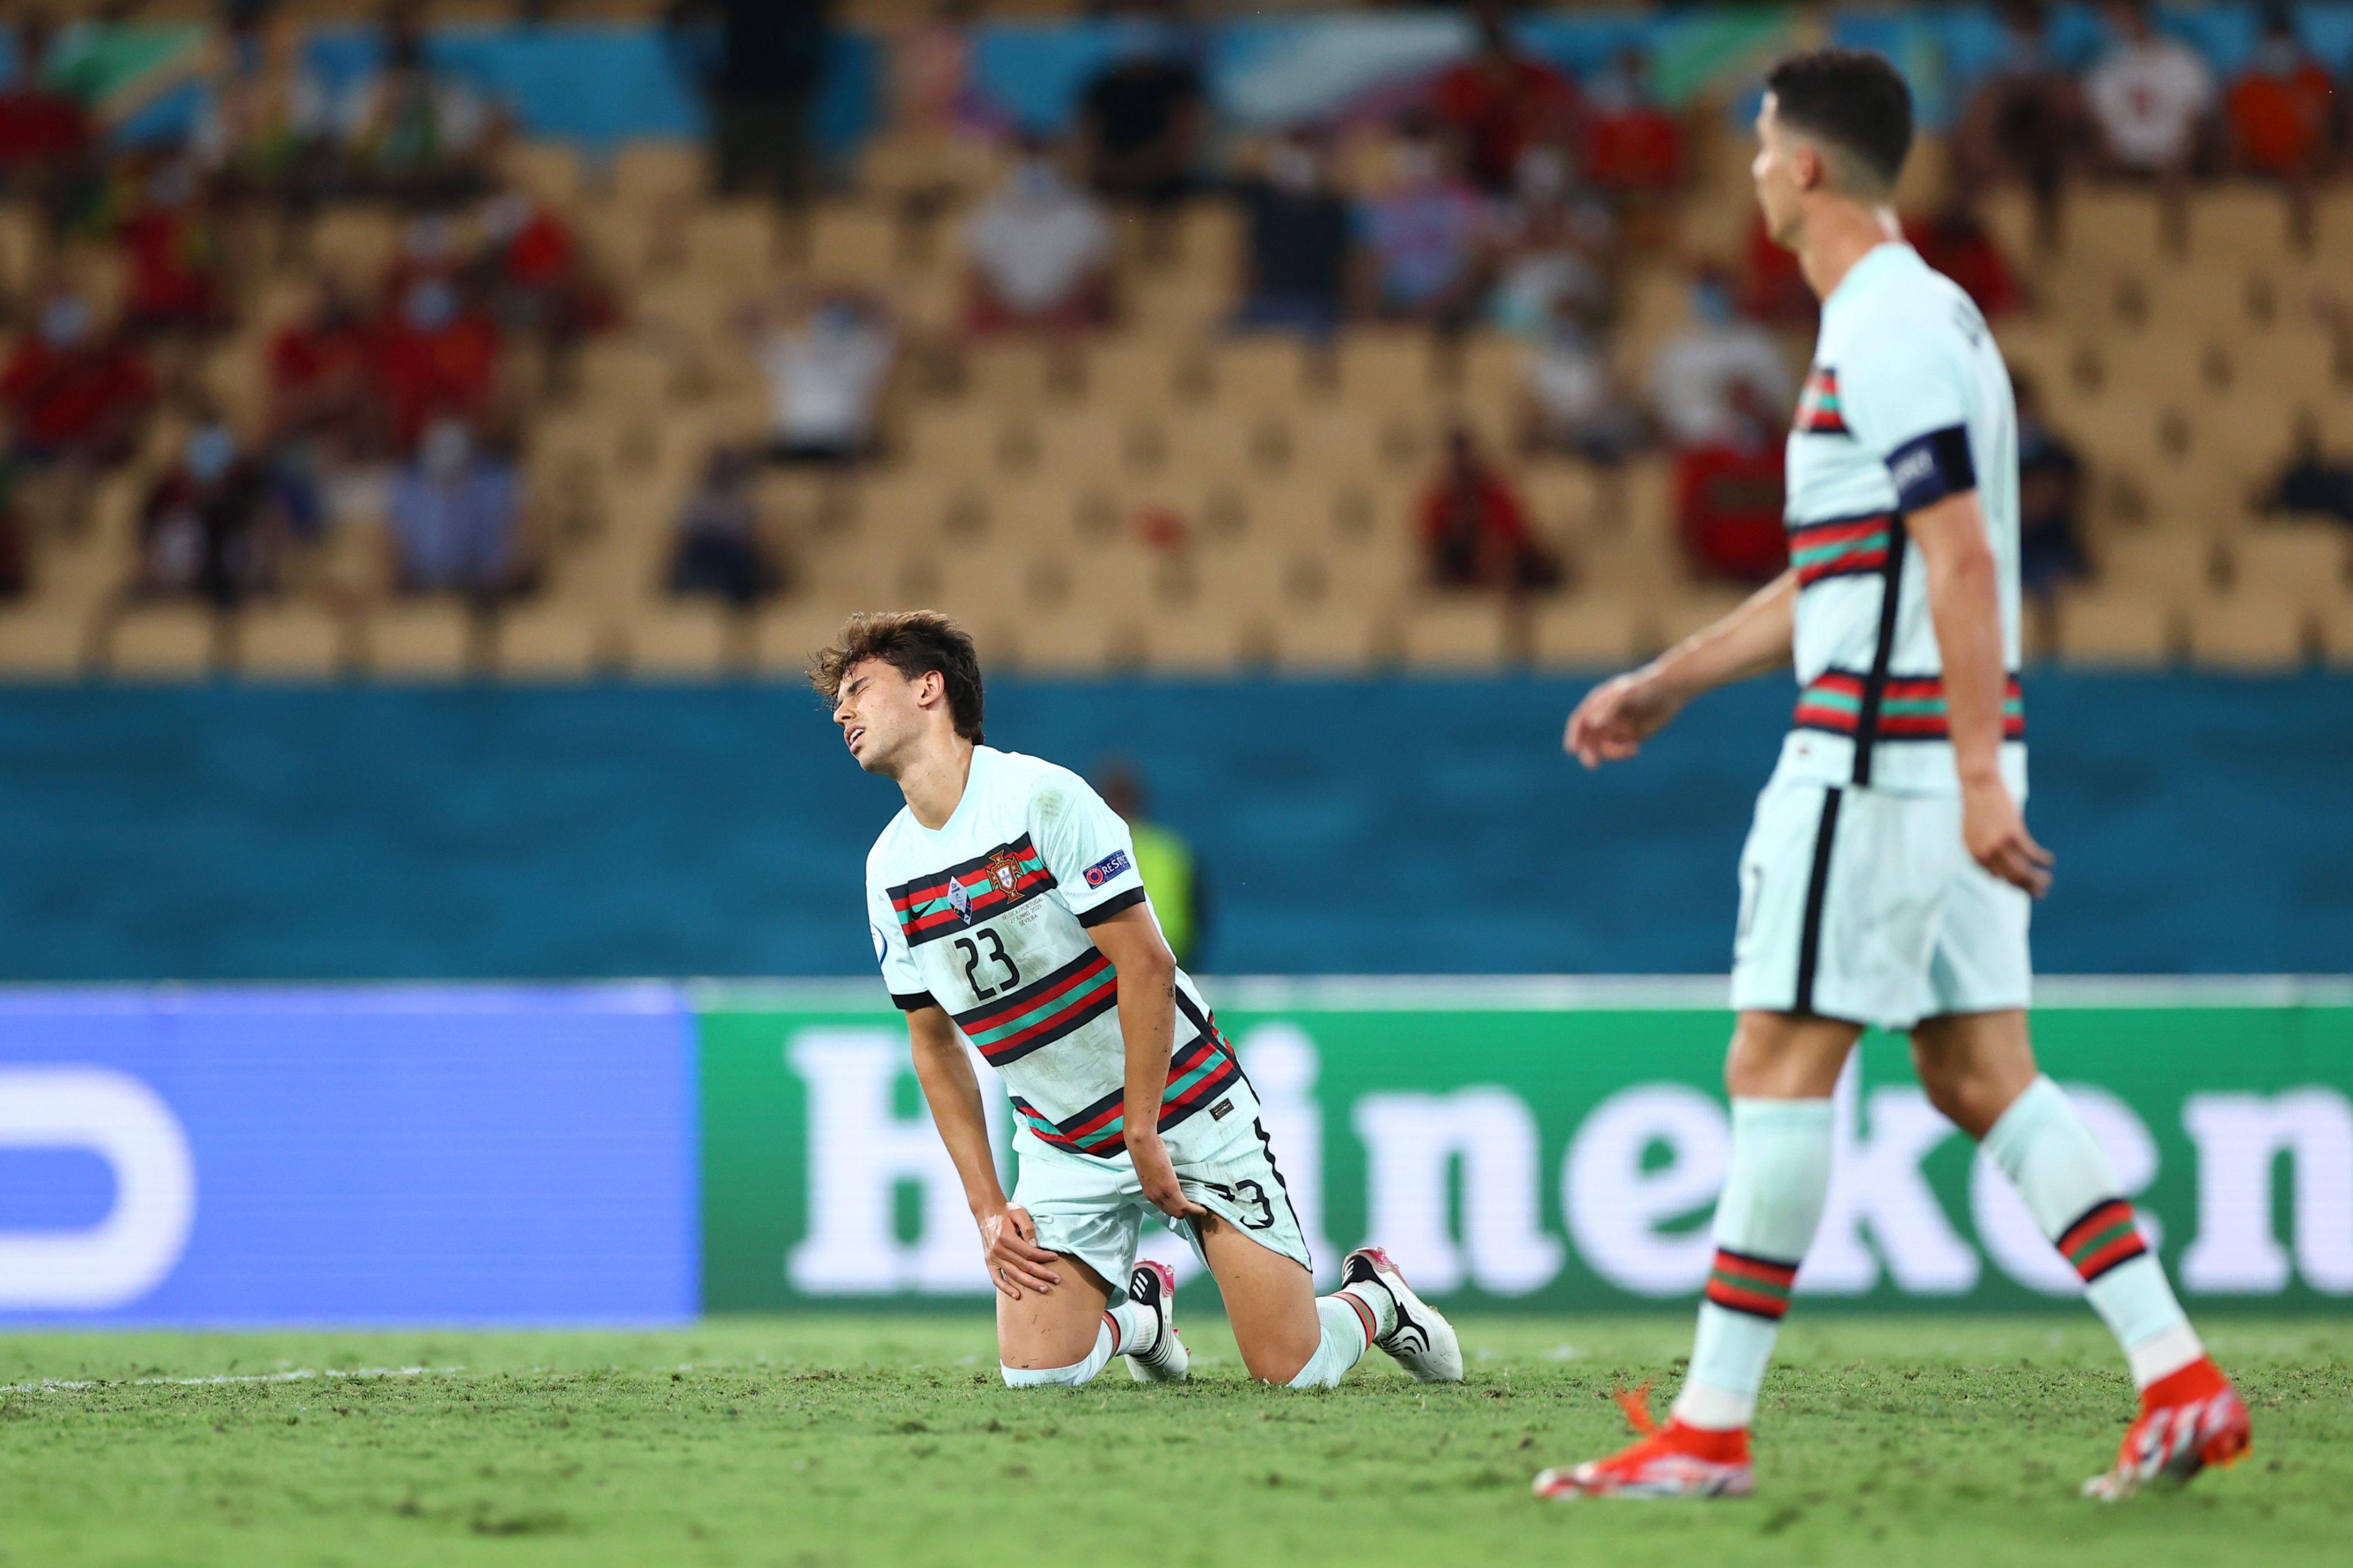 हार के बाद निराश पुर्तगाल के जोआओ फेलिक्स और रोनाल्डो।